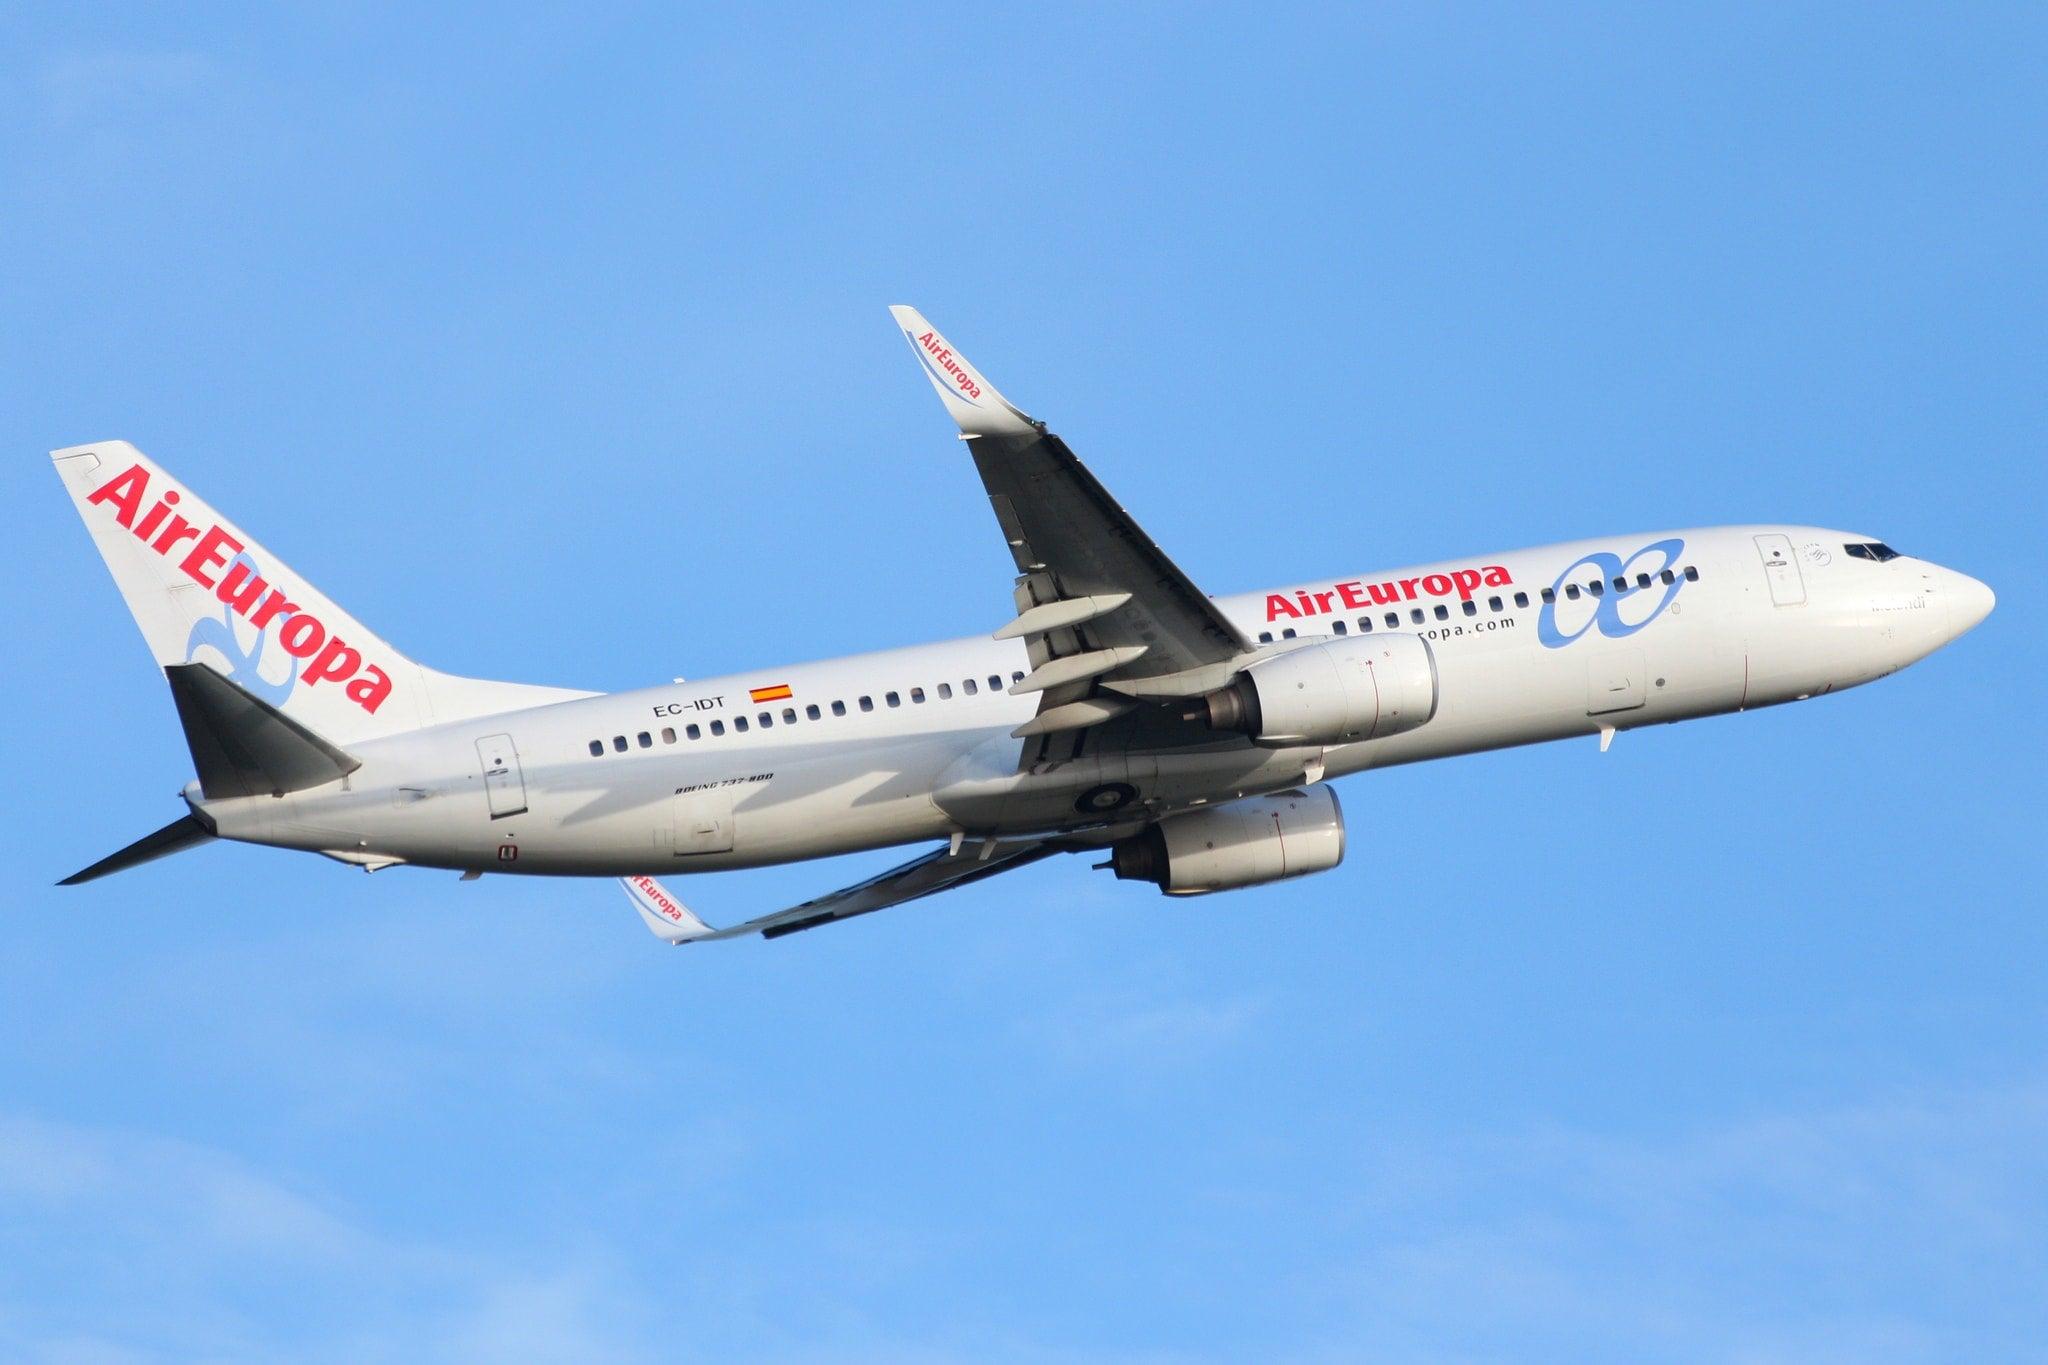 aereo air euopa check in online edreams blog di viaggi